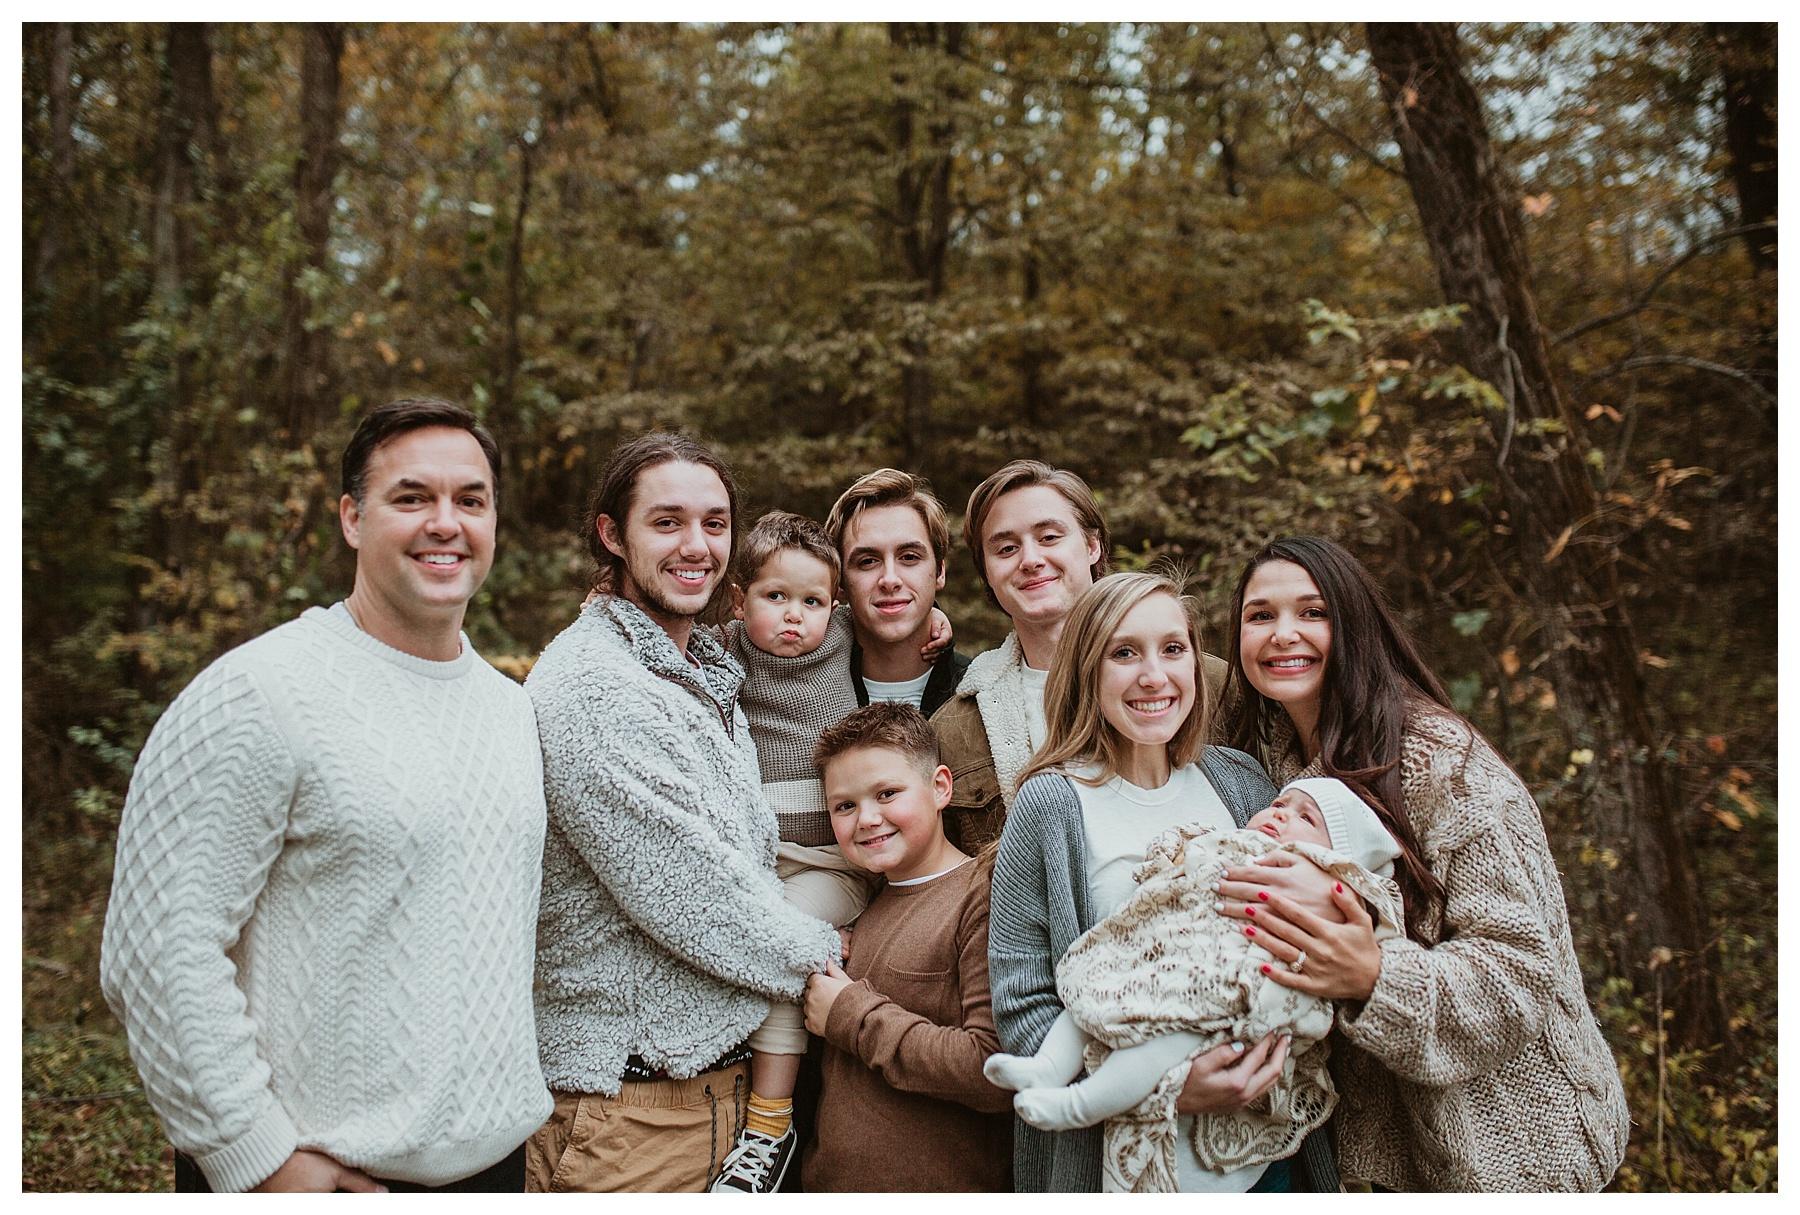 Des moines | Saylorville Lake | Des Moines photographer | iowa photographer | midwest photographer | Kara Vorwald photography | family photography |